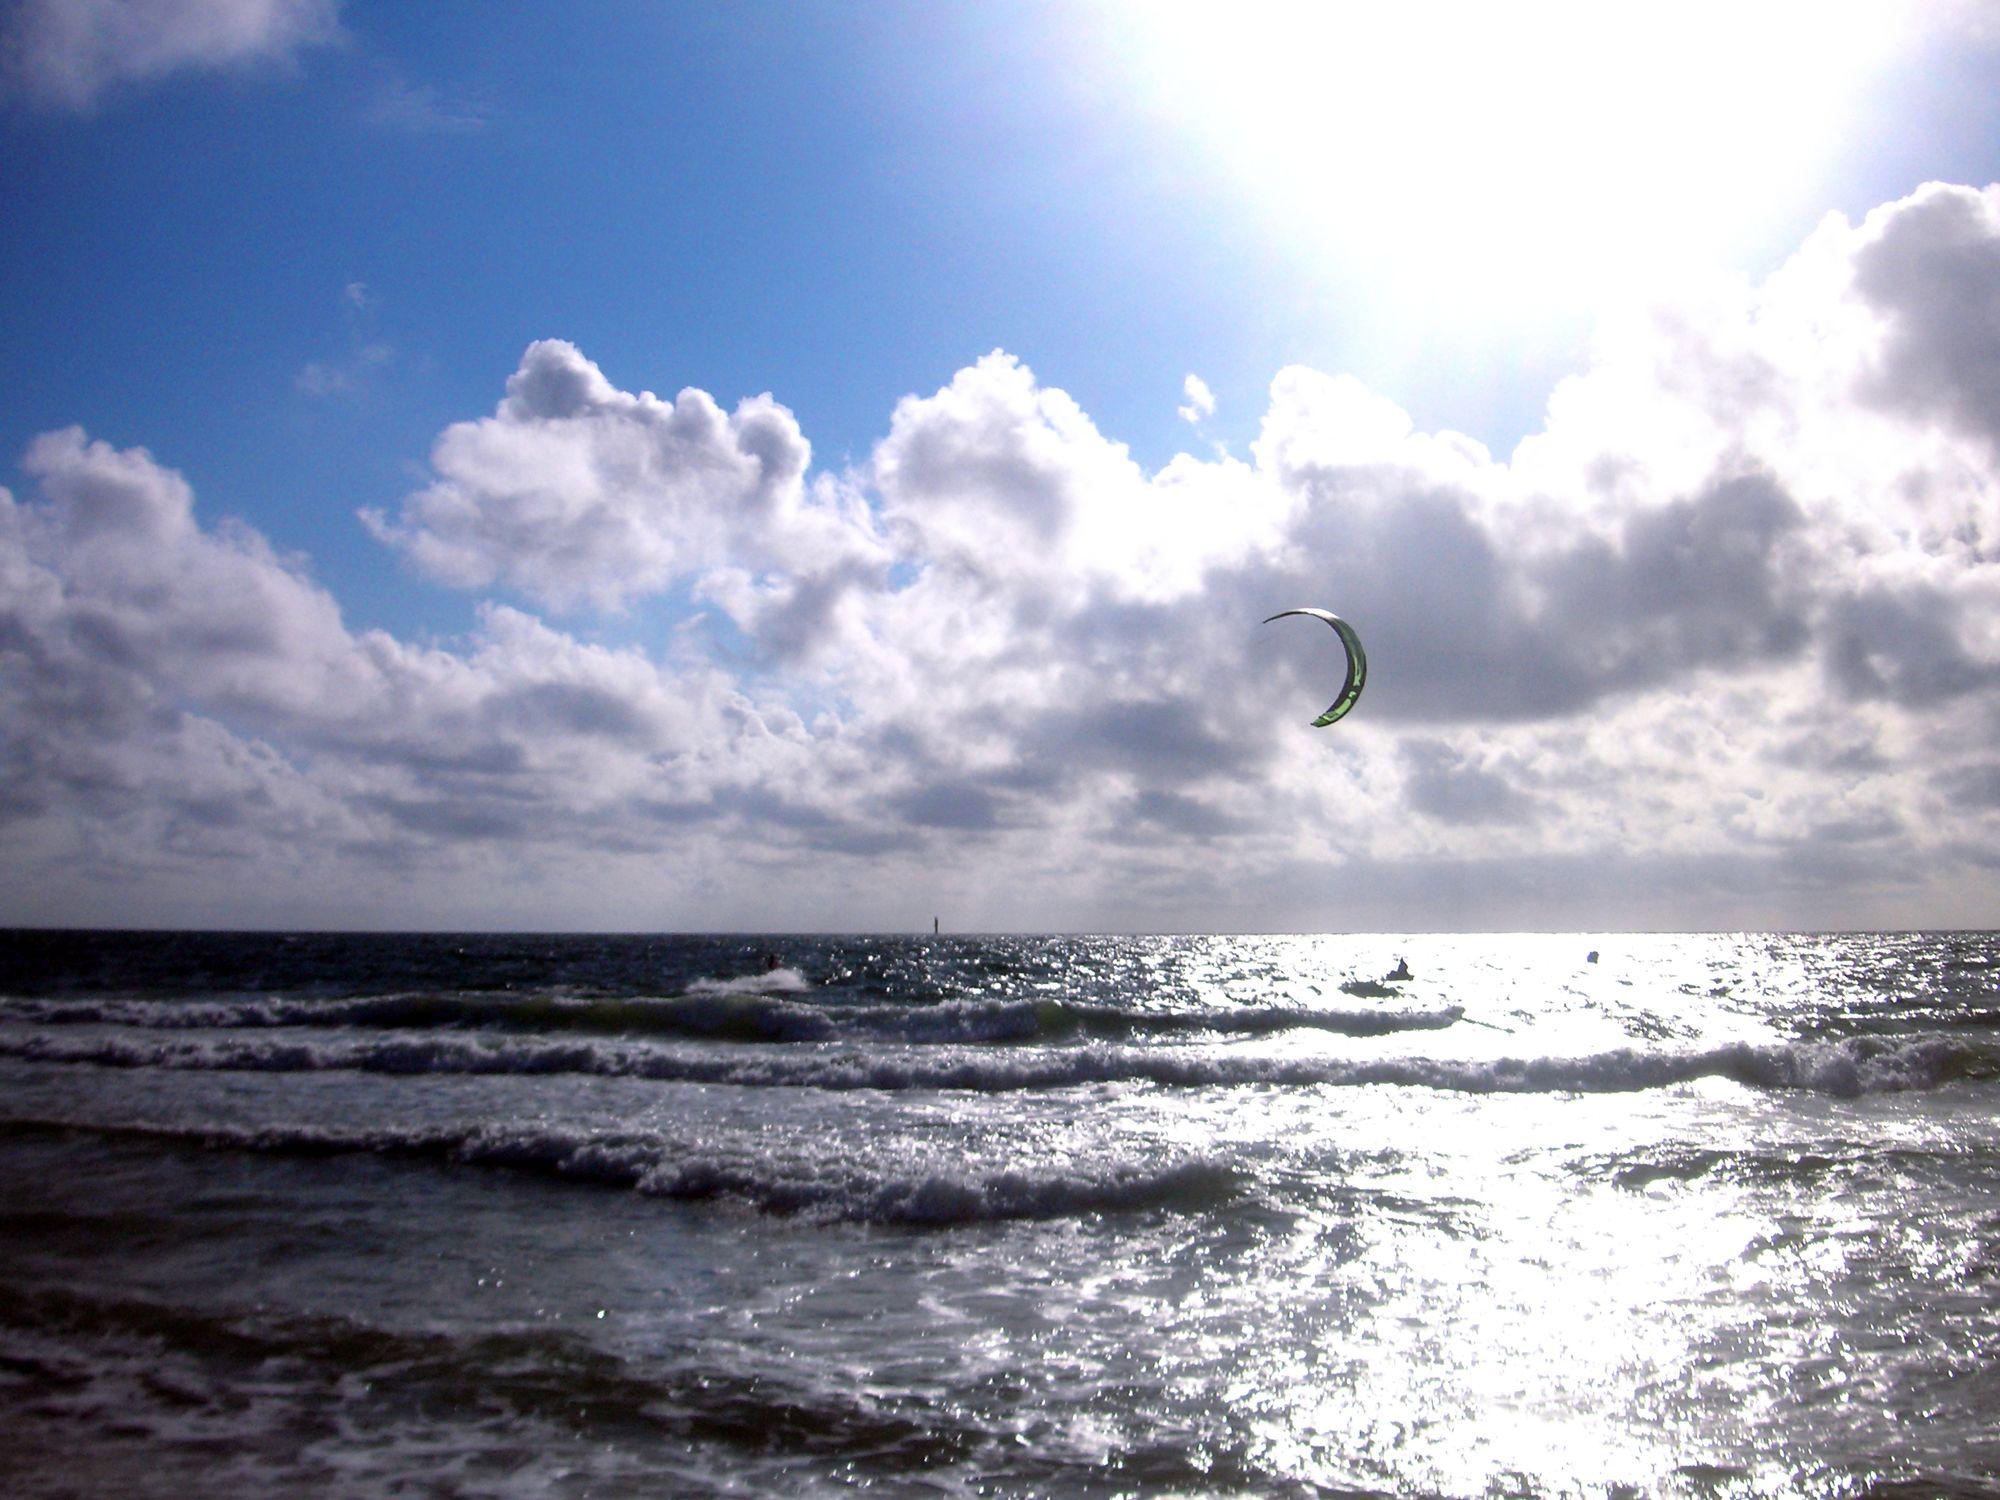 Bild mit Natur, Elemente, Wasser, Landschaften, Himmel, Wolken, Gewässer, Küsten und Ufer, Meere, Strände, Horizont, Brandung, Wellen, Aktivitäten, Urlaub, Tageslicht, Sport, Wassersport, Surfen, Kitesurfen